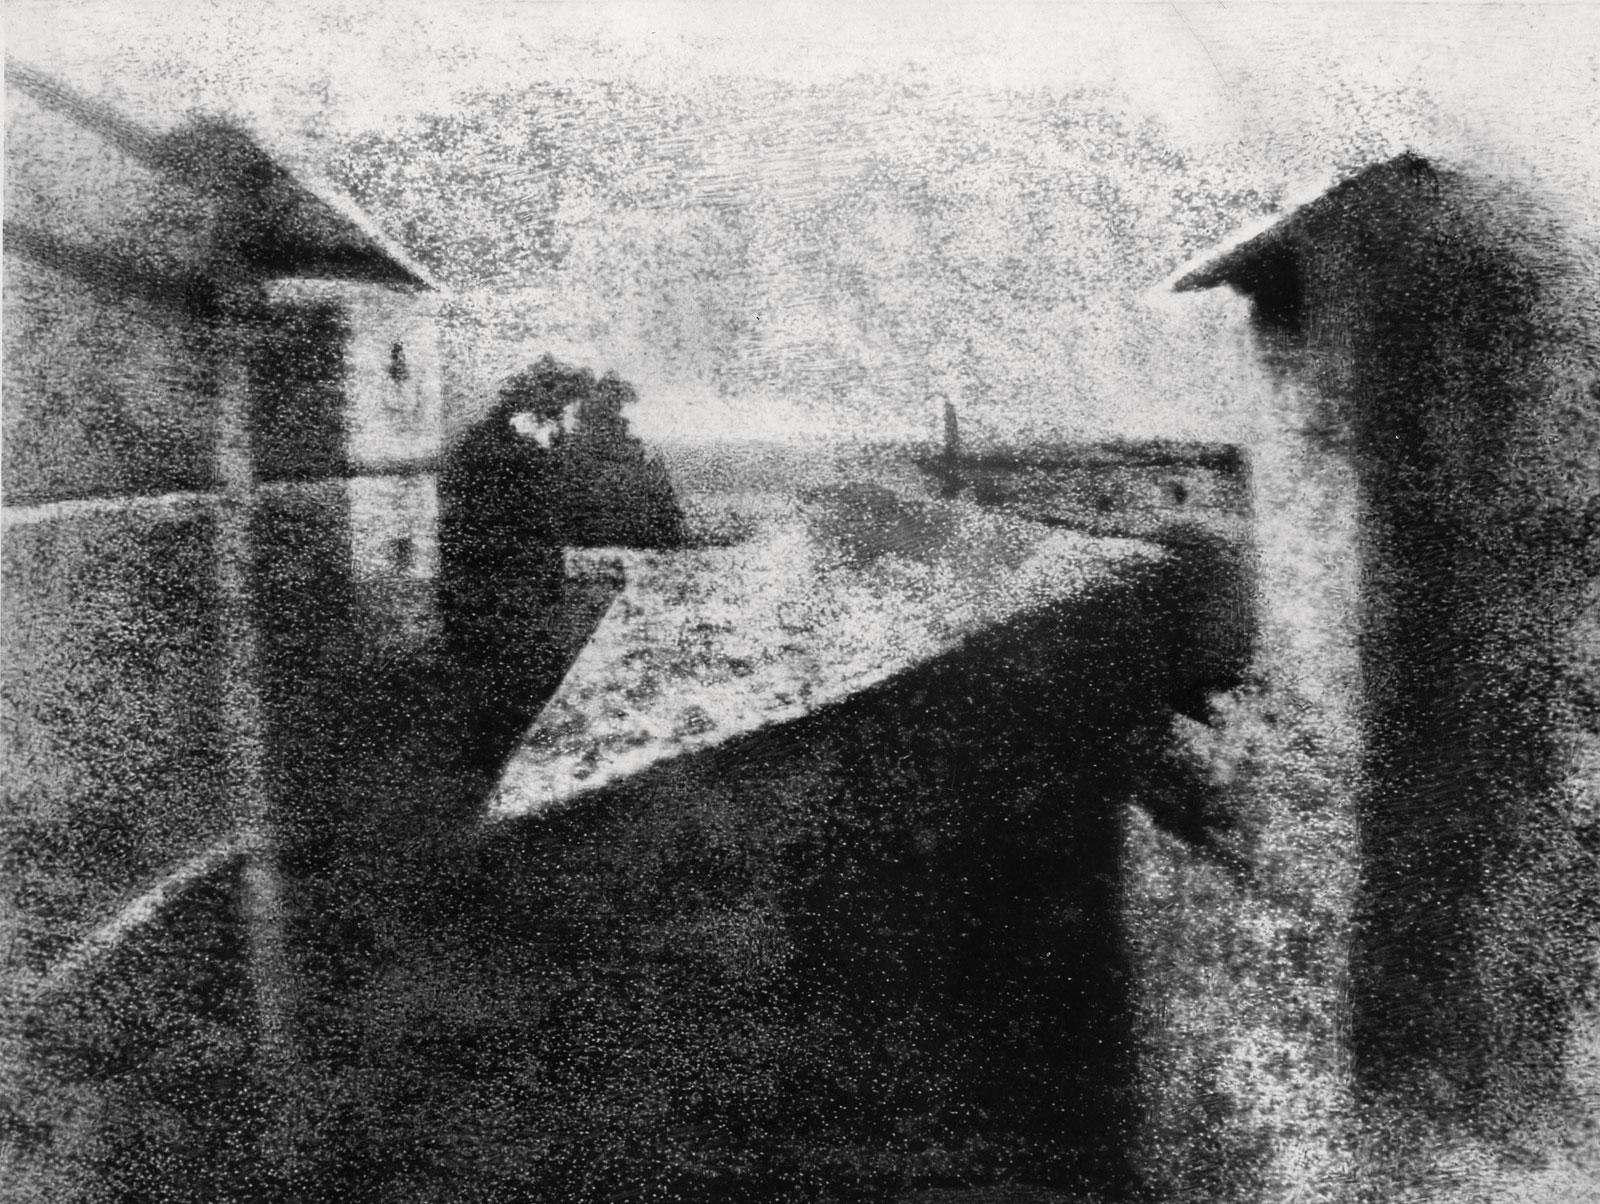 p. 190 Uitzicht uit het raam in Le Gras, Nicéphore Niépce, 1826-1827, heliografie GettyImages 2673939